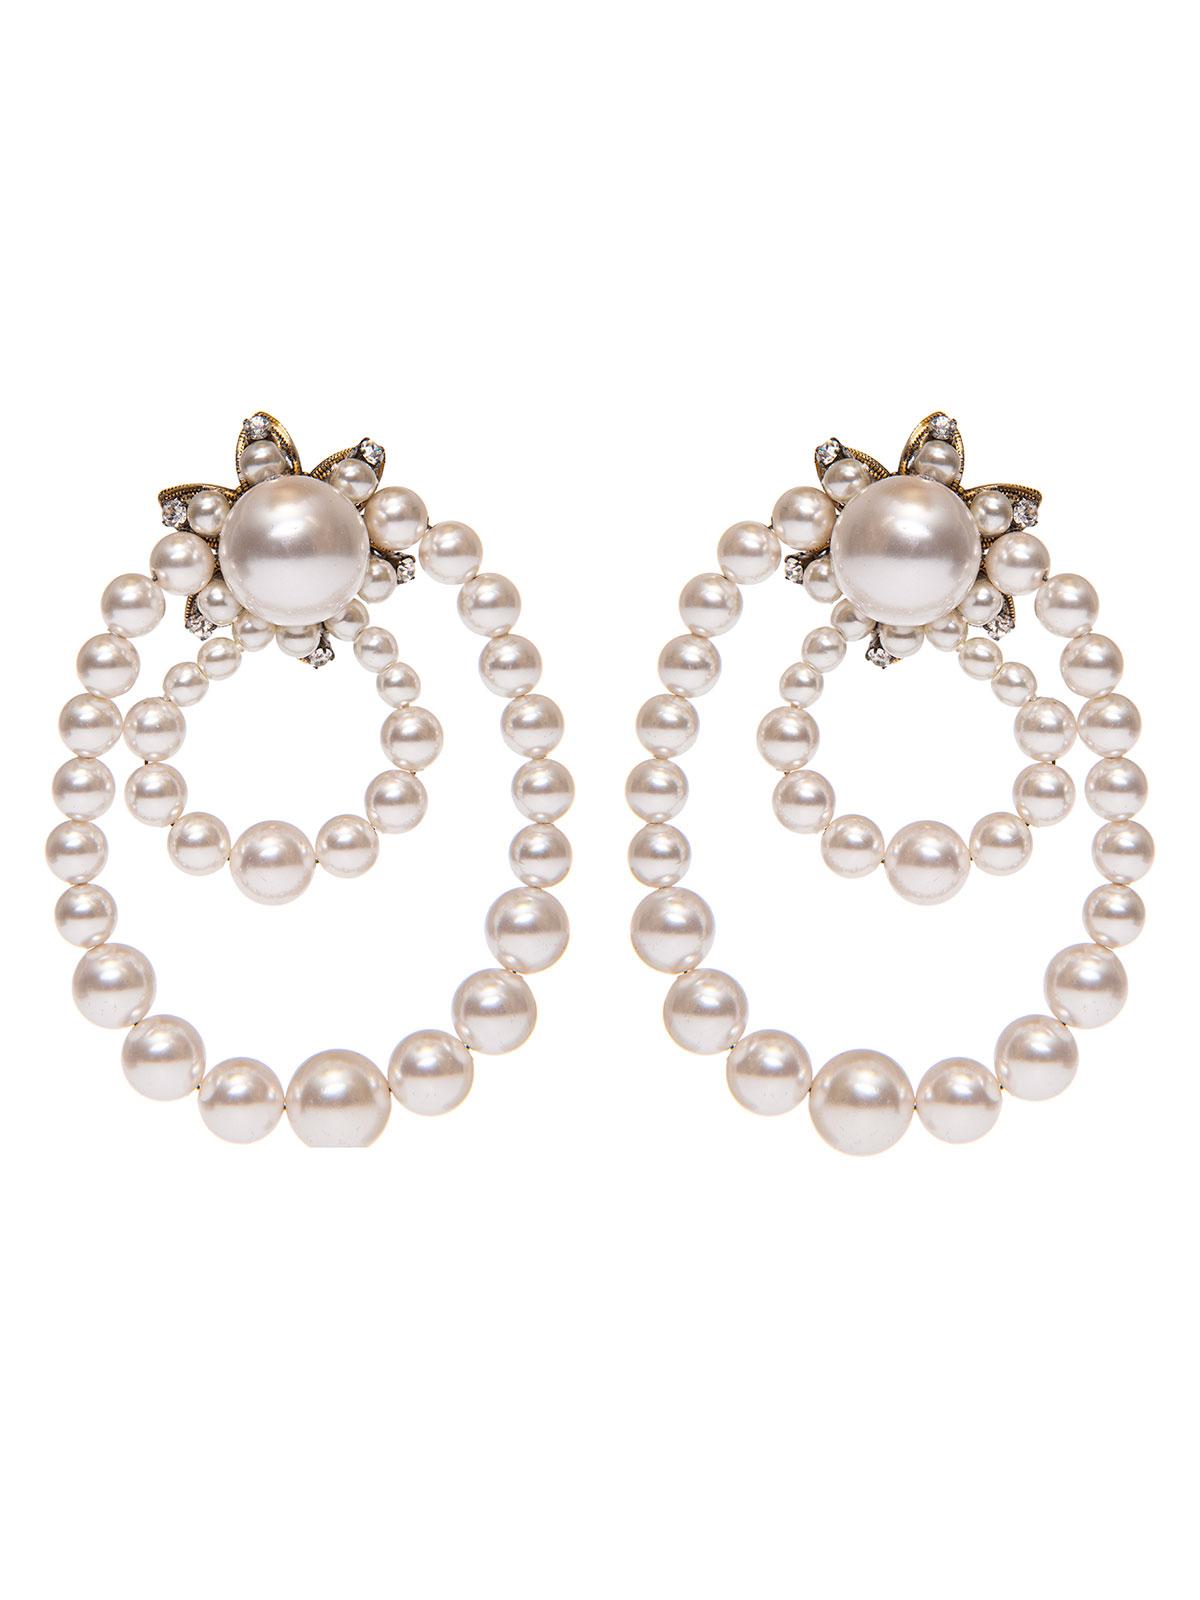 Crystal earrings with pearl hoops